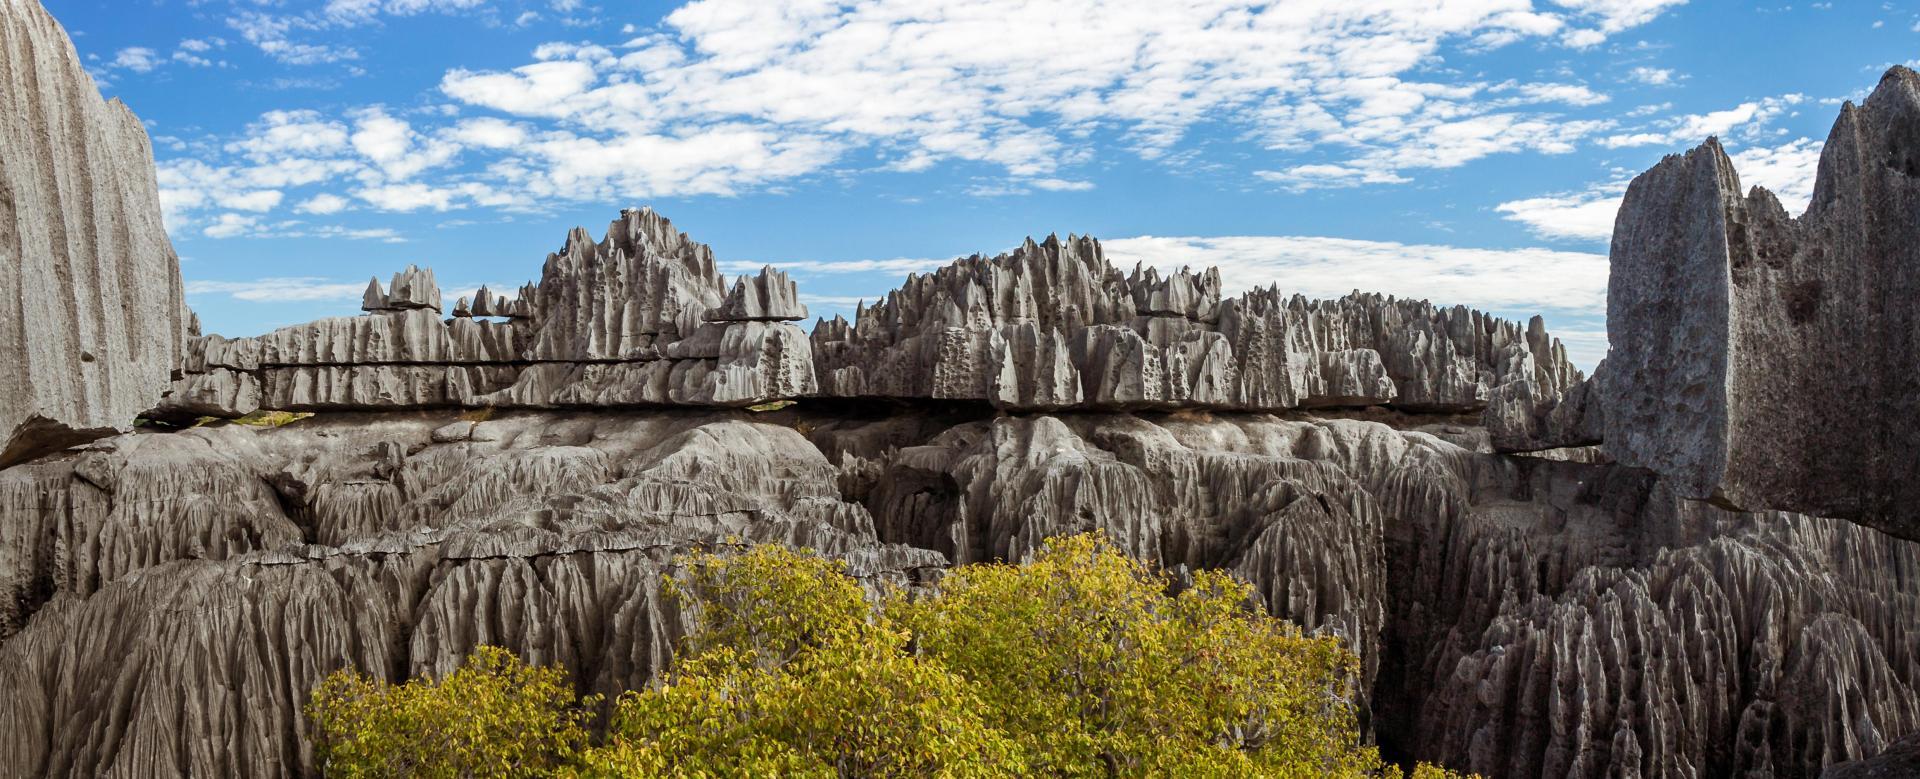 Voyage à pied : Dédale des tsingy et côte sauvage